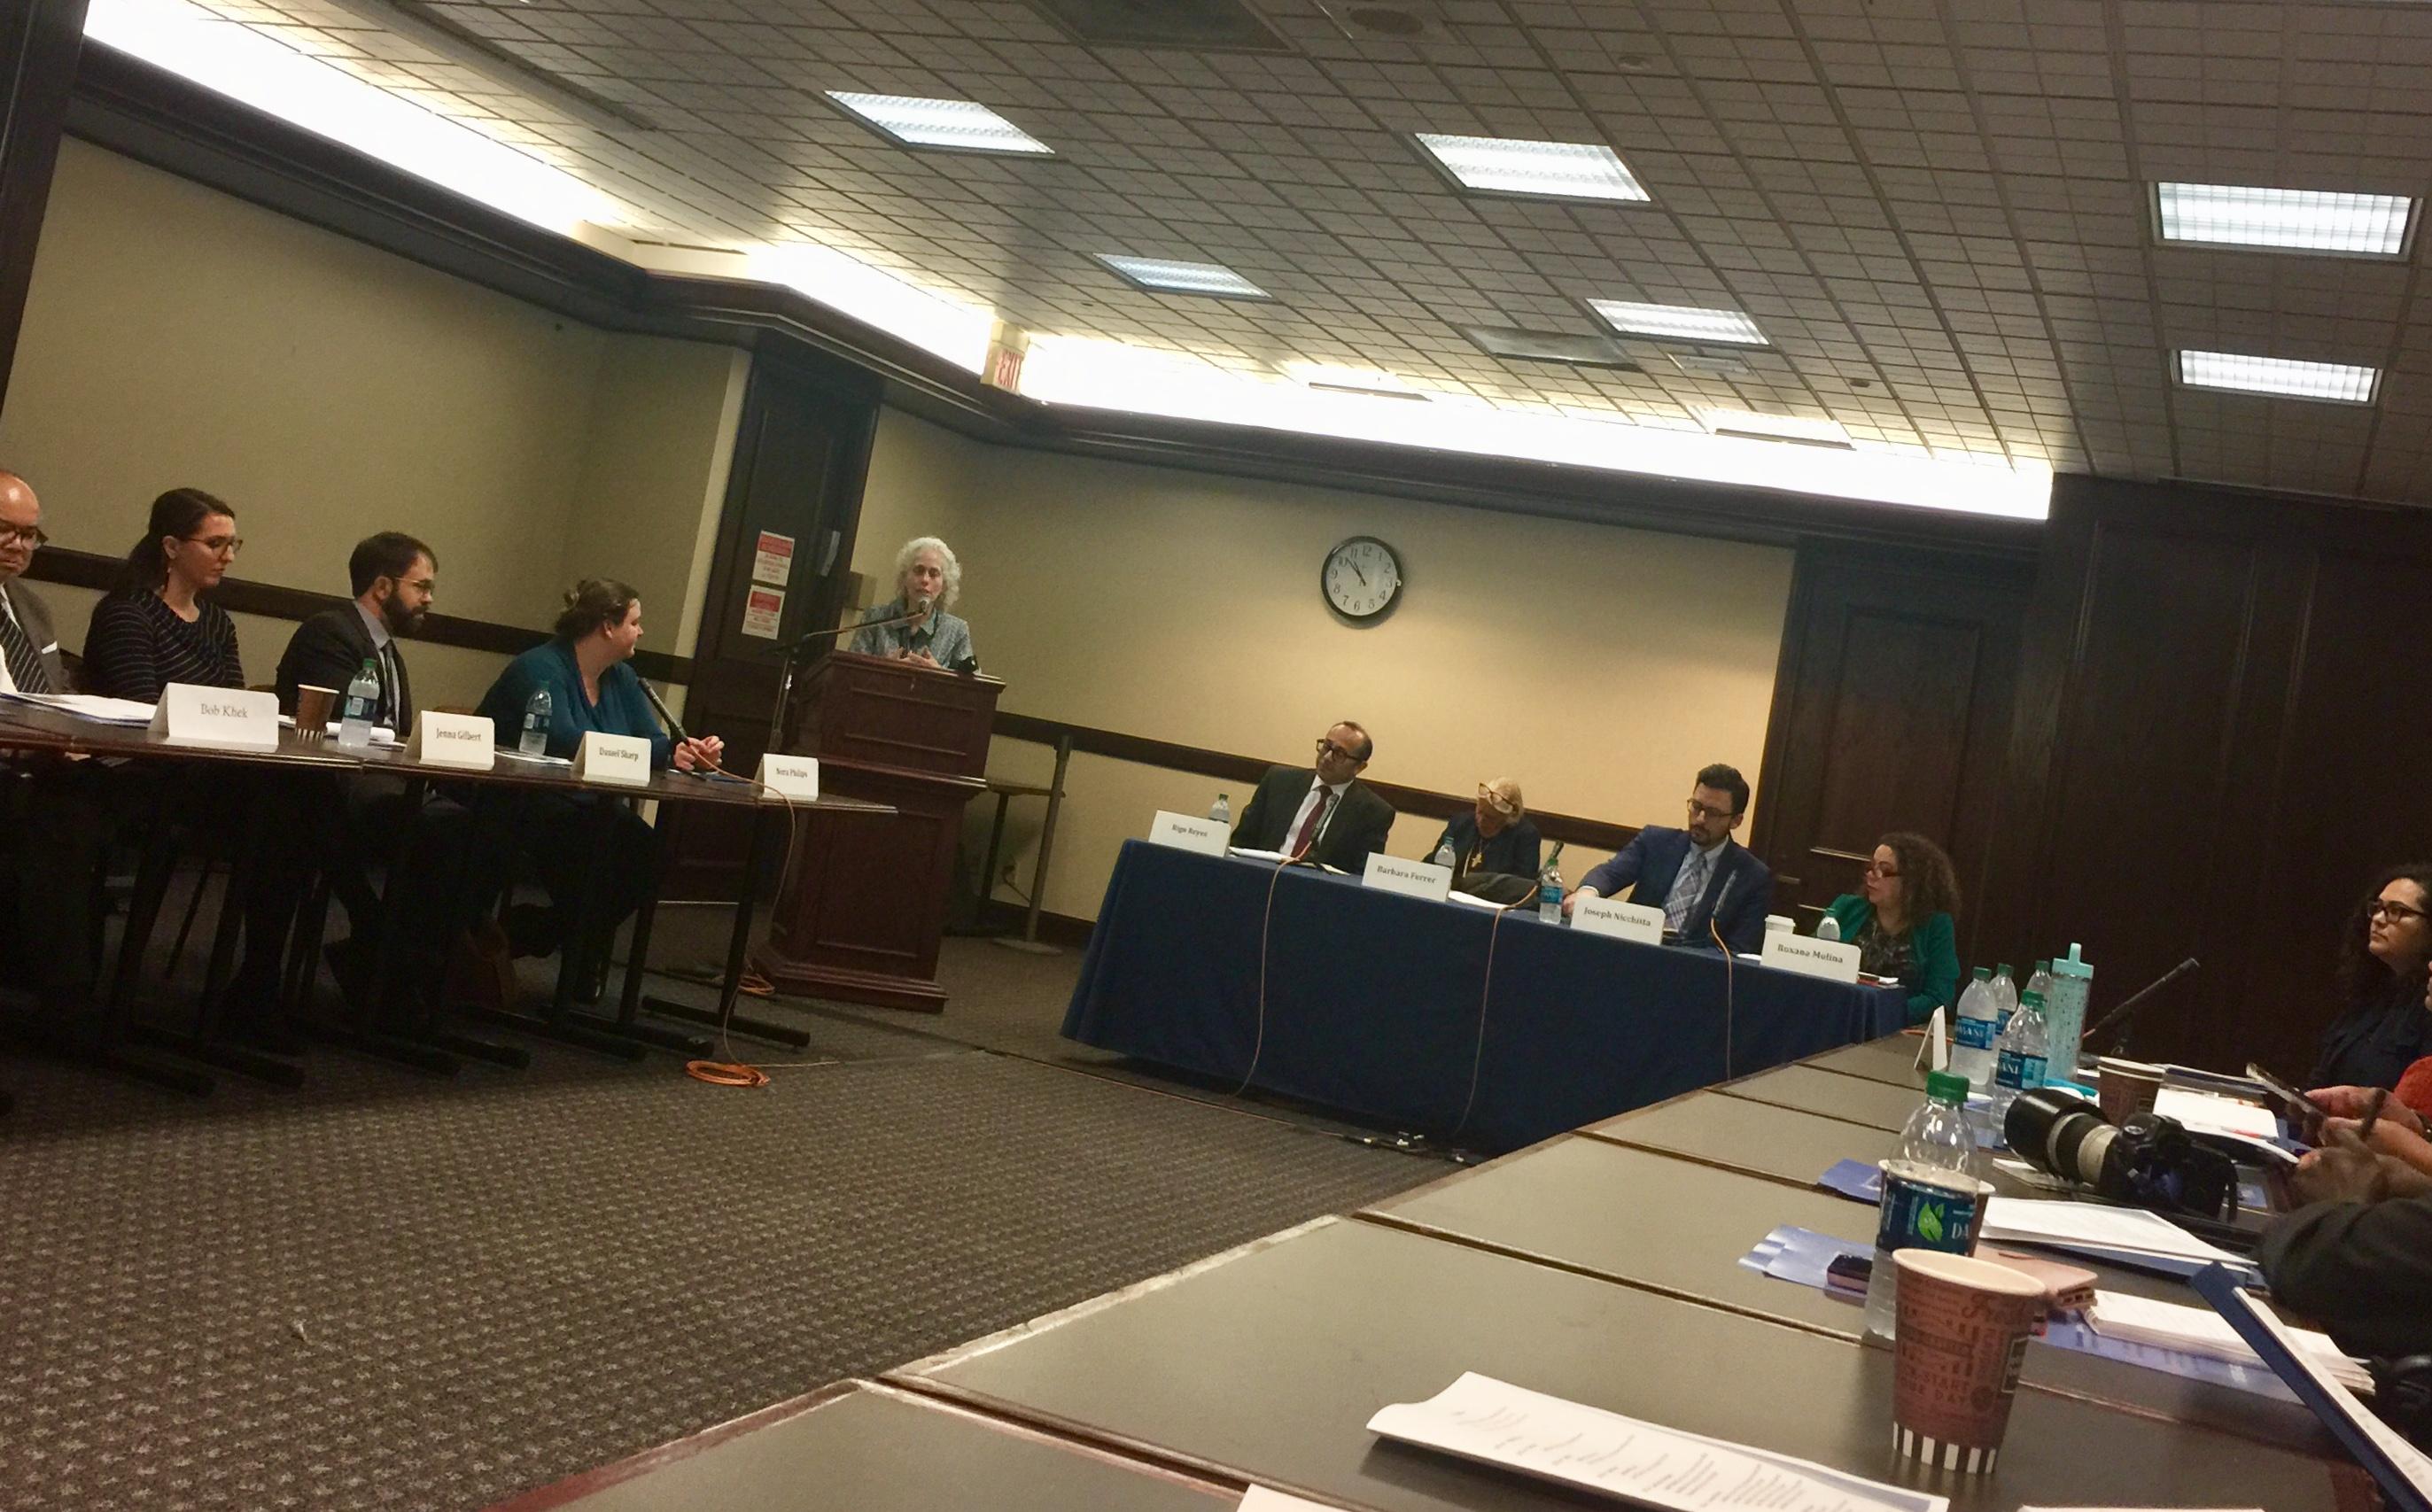 La doctora Bárbara Ferrer, directora del Departamento de Salud Pública del condado de Los Ángeles participó en el encuentro con medios étnicos donde habló de los apoyos en salud para los inmigrantes. (Araceli Martínez/La Opinión).